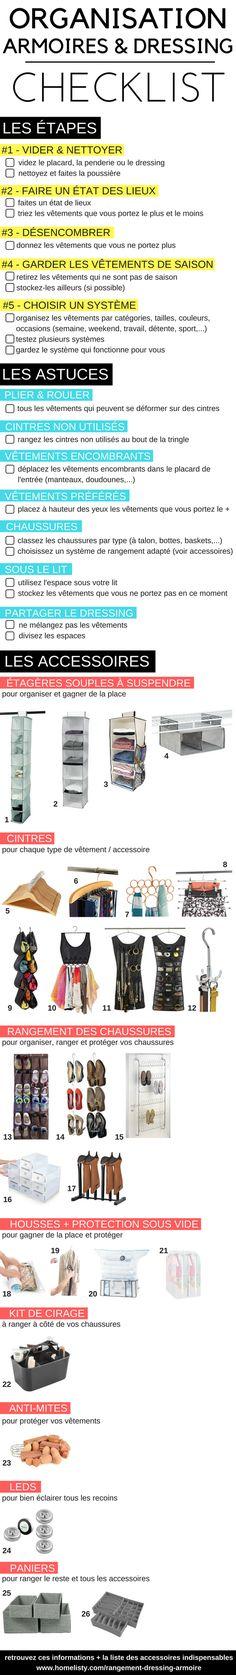 La checklist pour organiser et ranger vos armoires et votre dressing